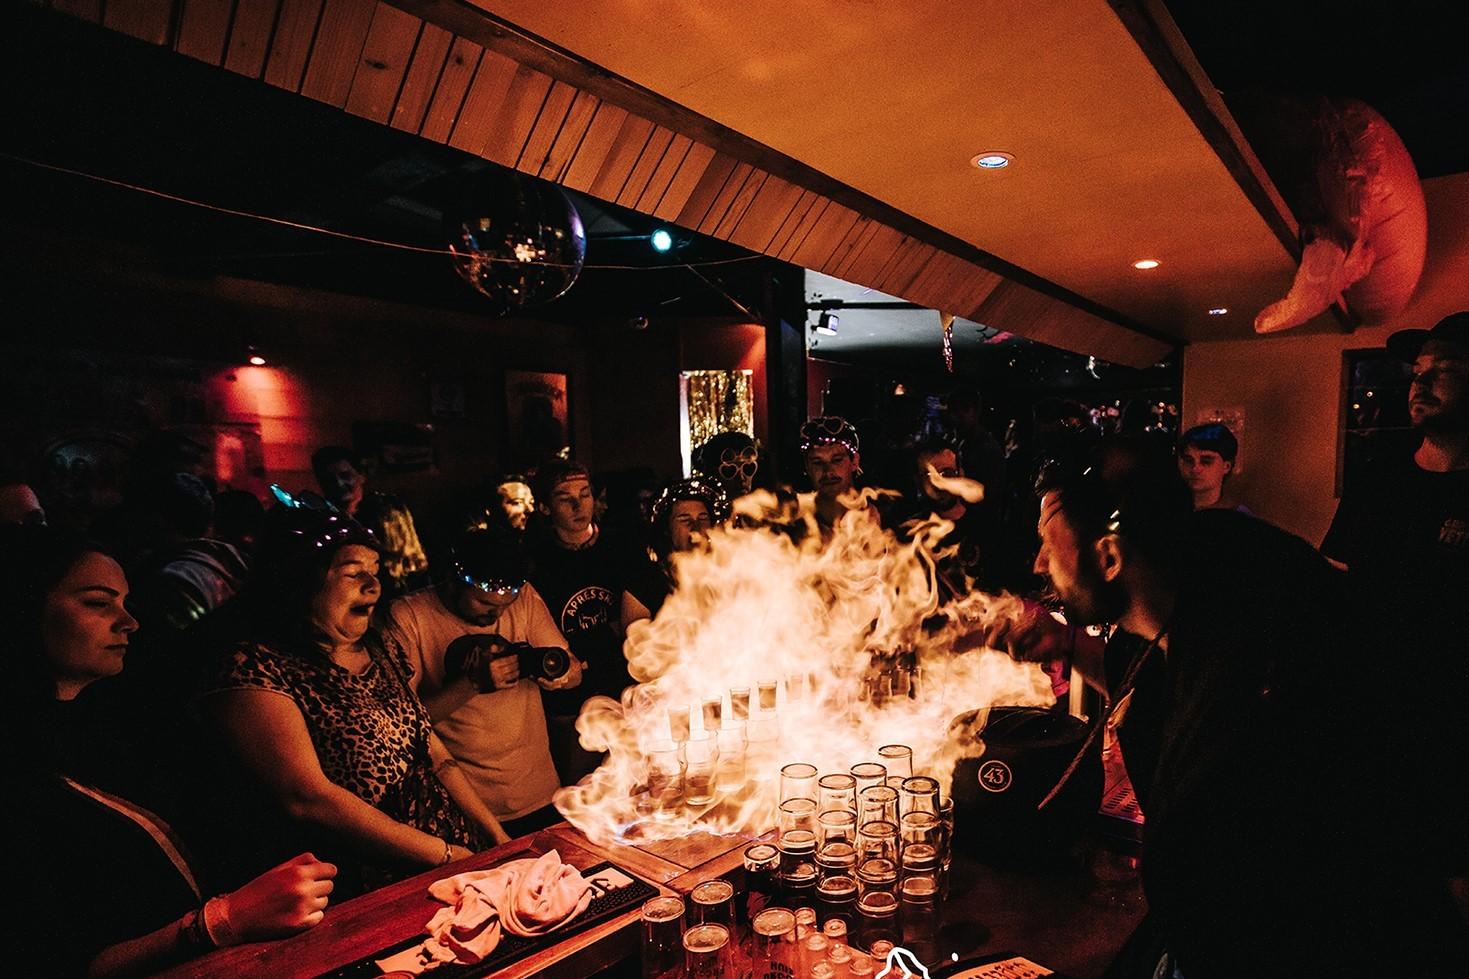 Chez Boubou#Misschien wel de beste en gezelligste bar van Les Arcs